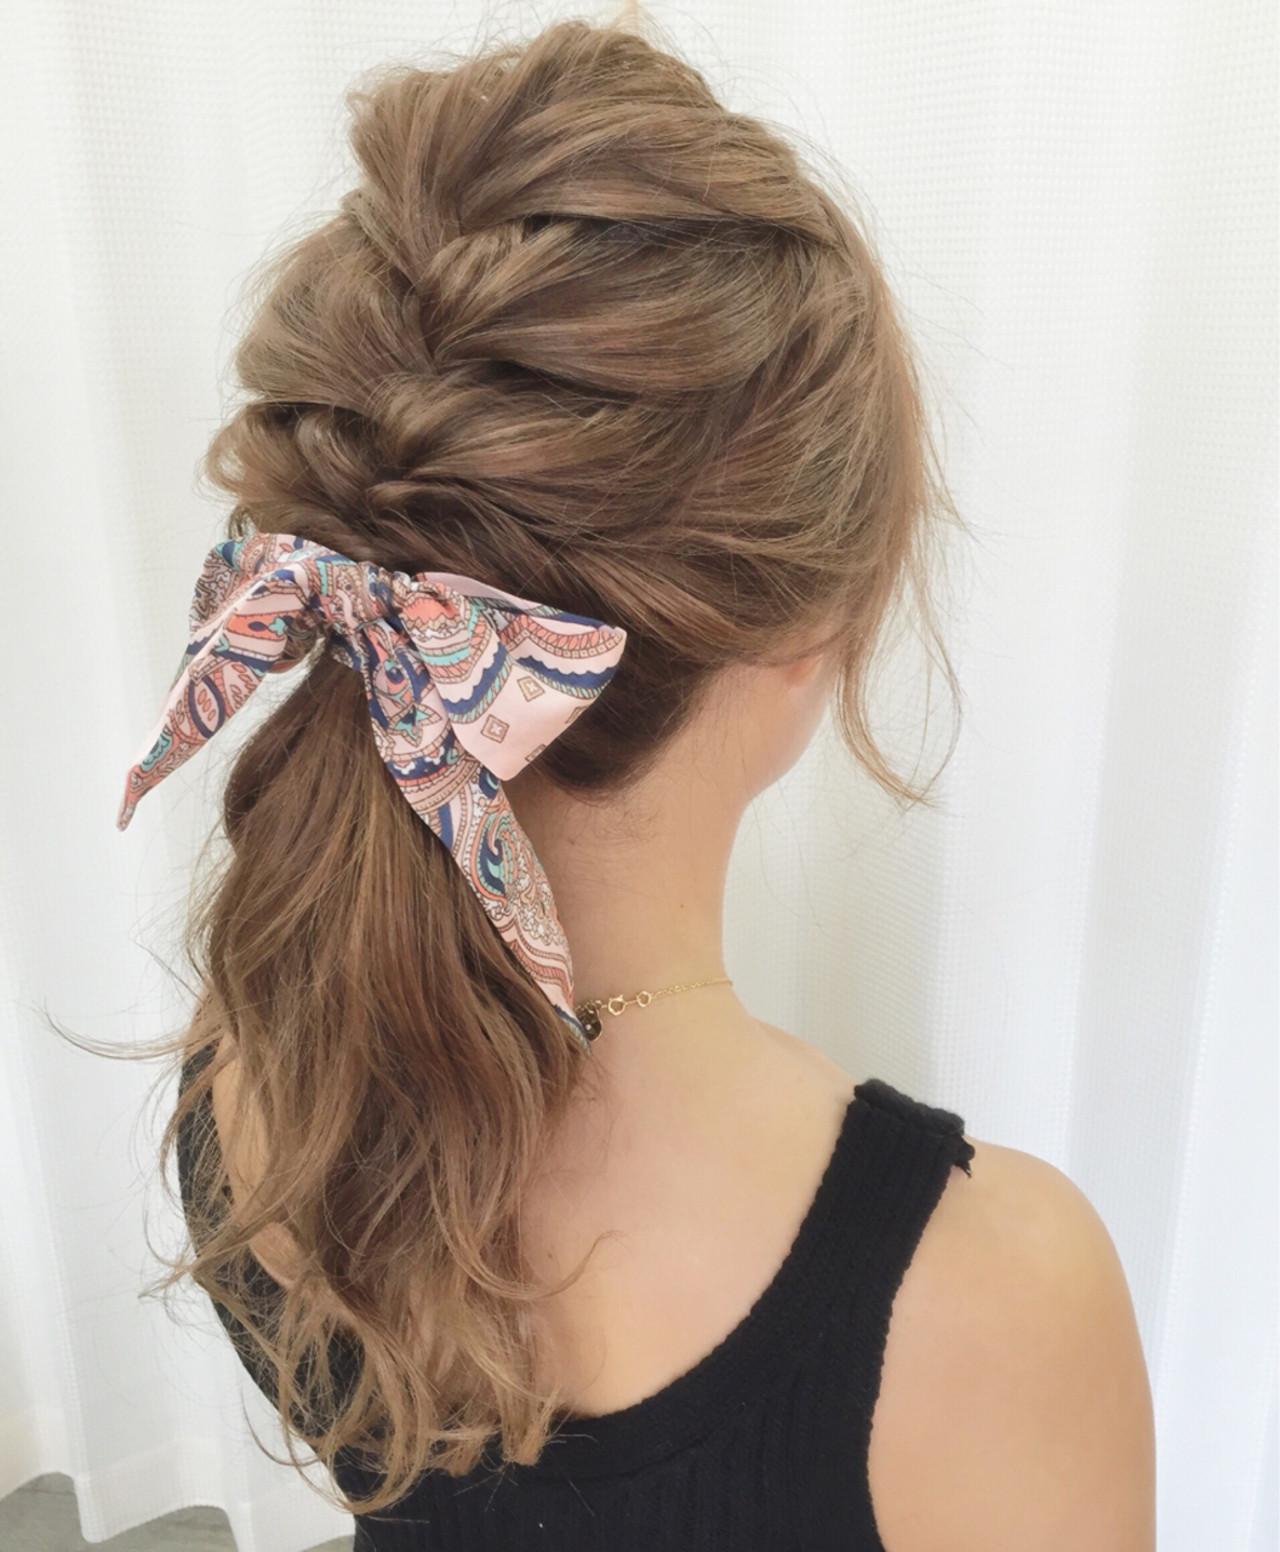 ルーズ アップスタイル 夏 編み込み ヘアスタイルや髪型の写真・画像